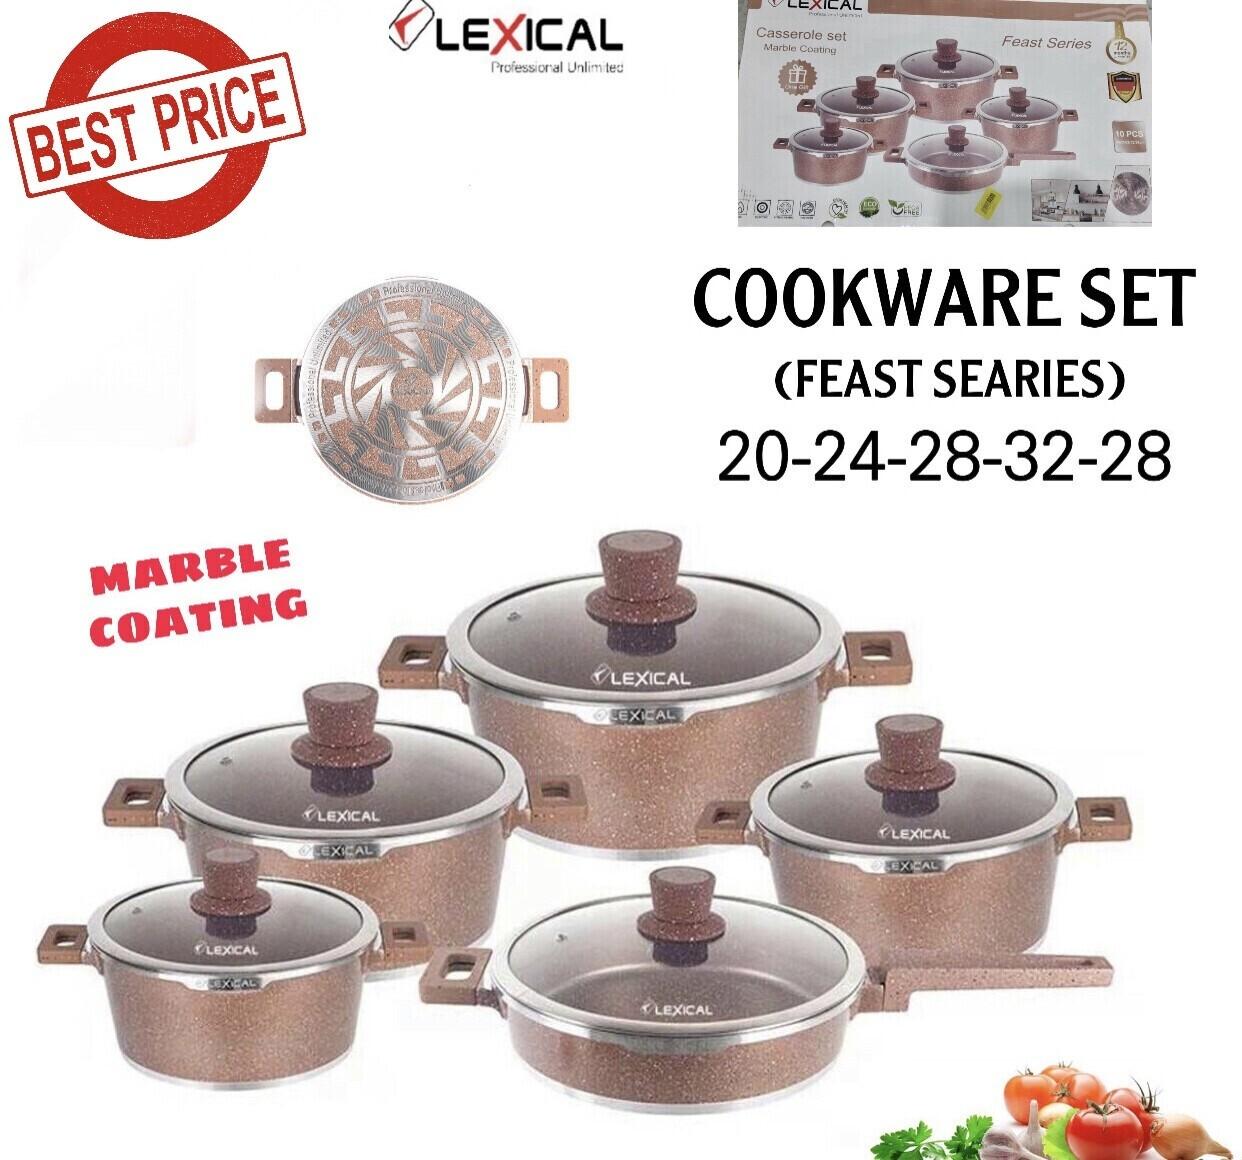 Lexical Cookware Set